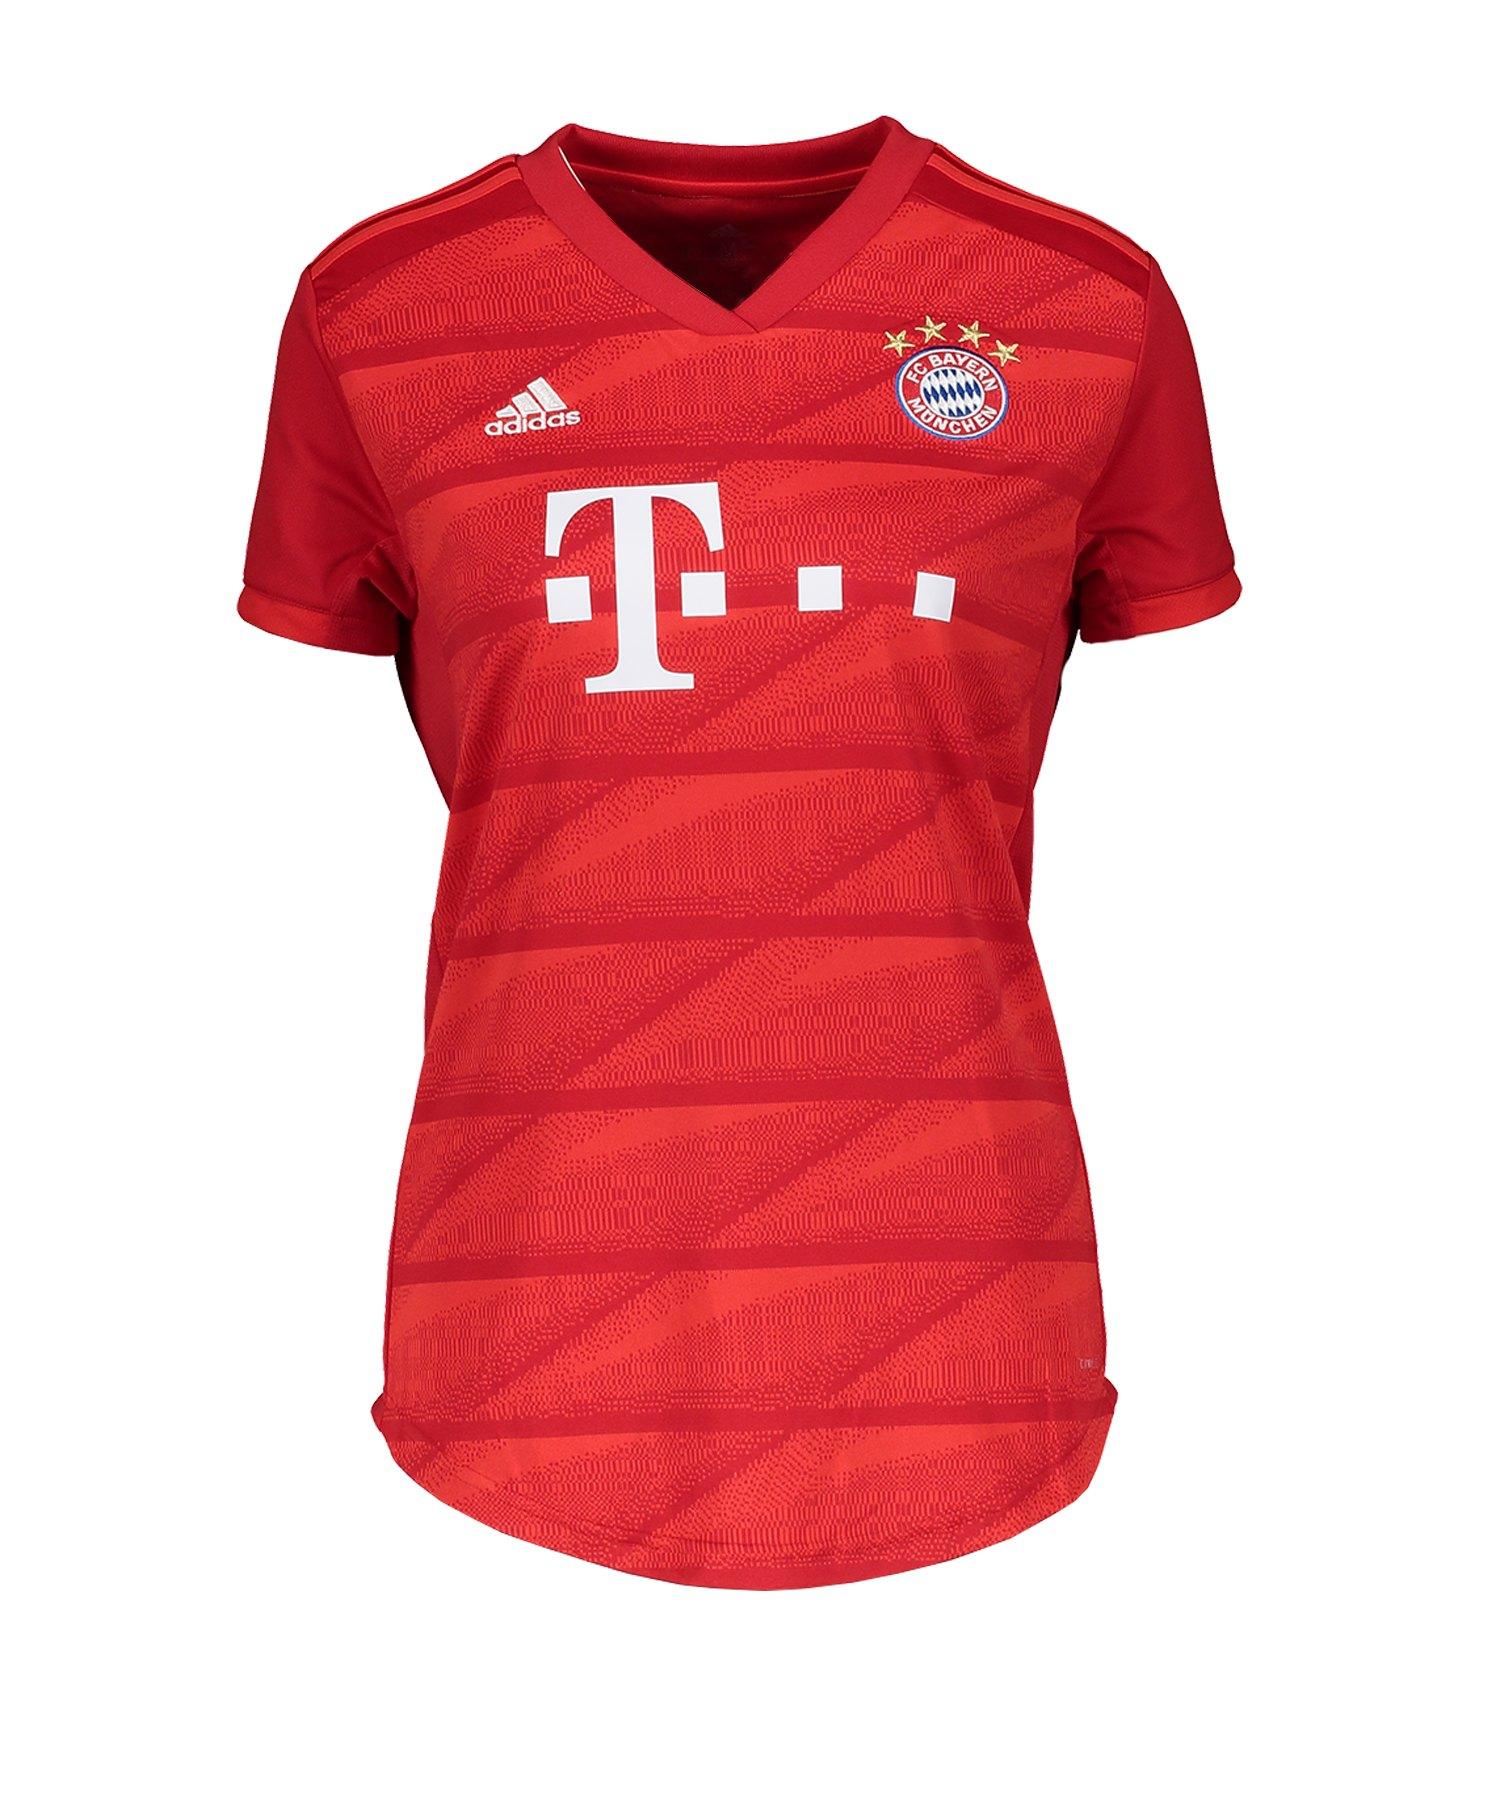 adidas FC Bayern München Trikot Home 2019/20 Damen Damen - Rot